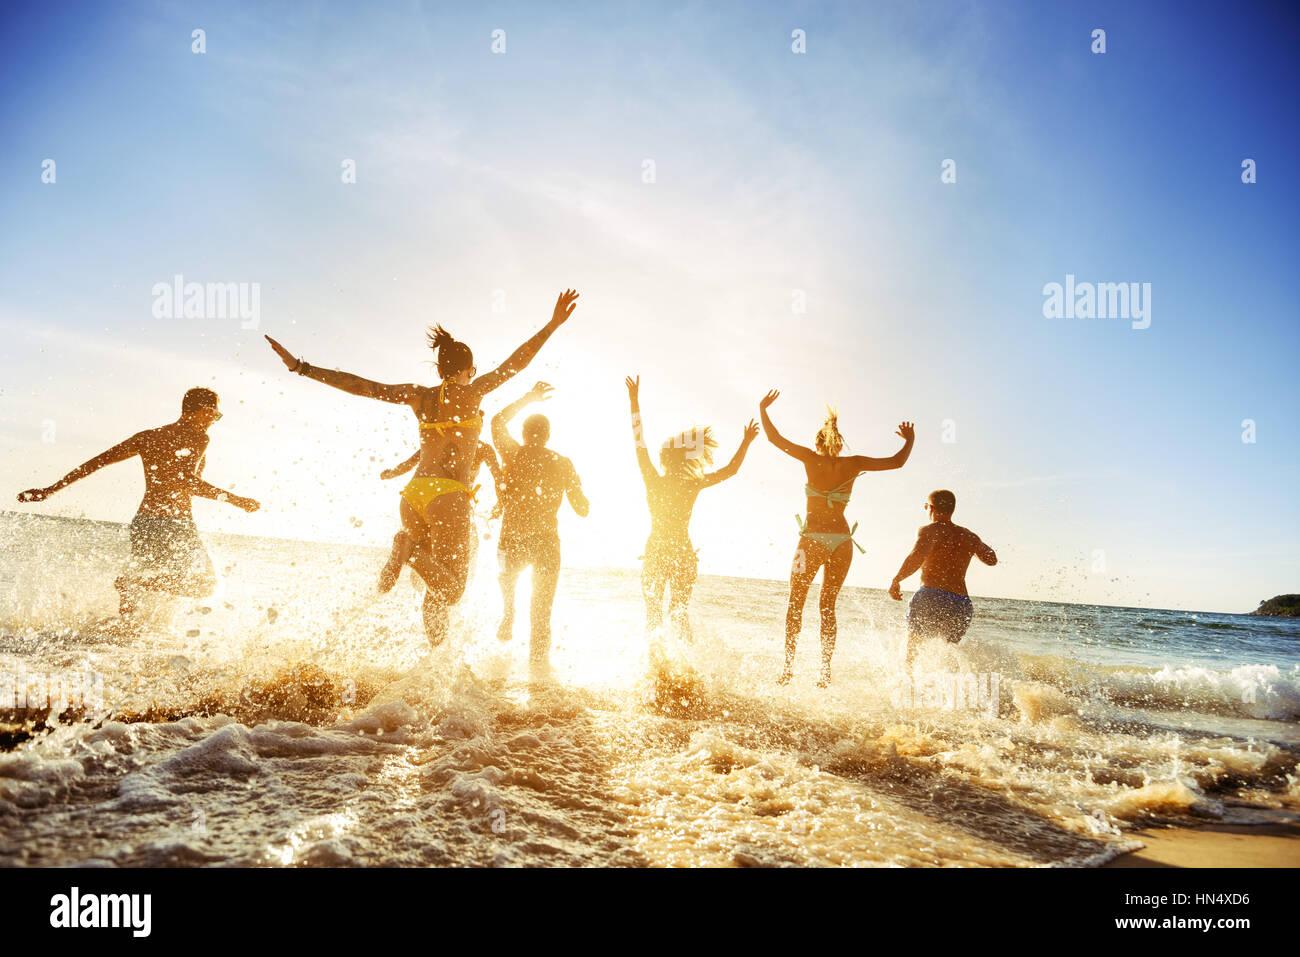 Multitud de personas amigos sunset beach vacaciones Imagen De Stock